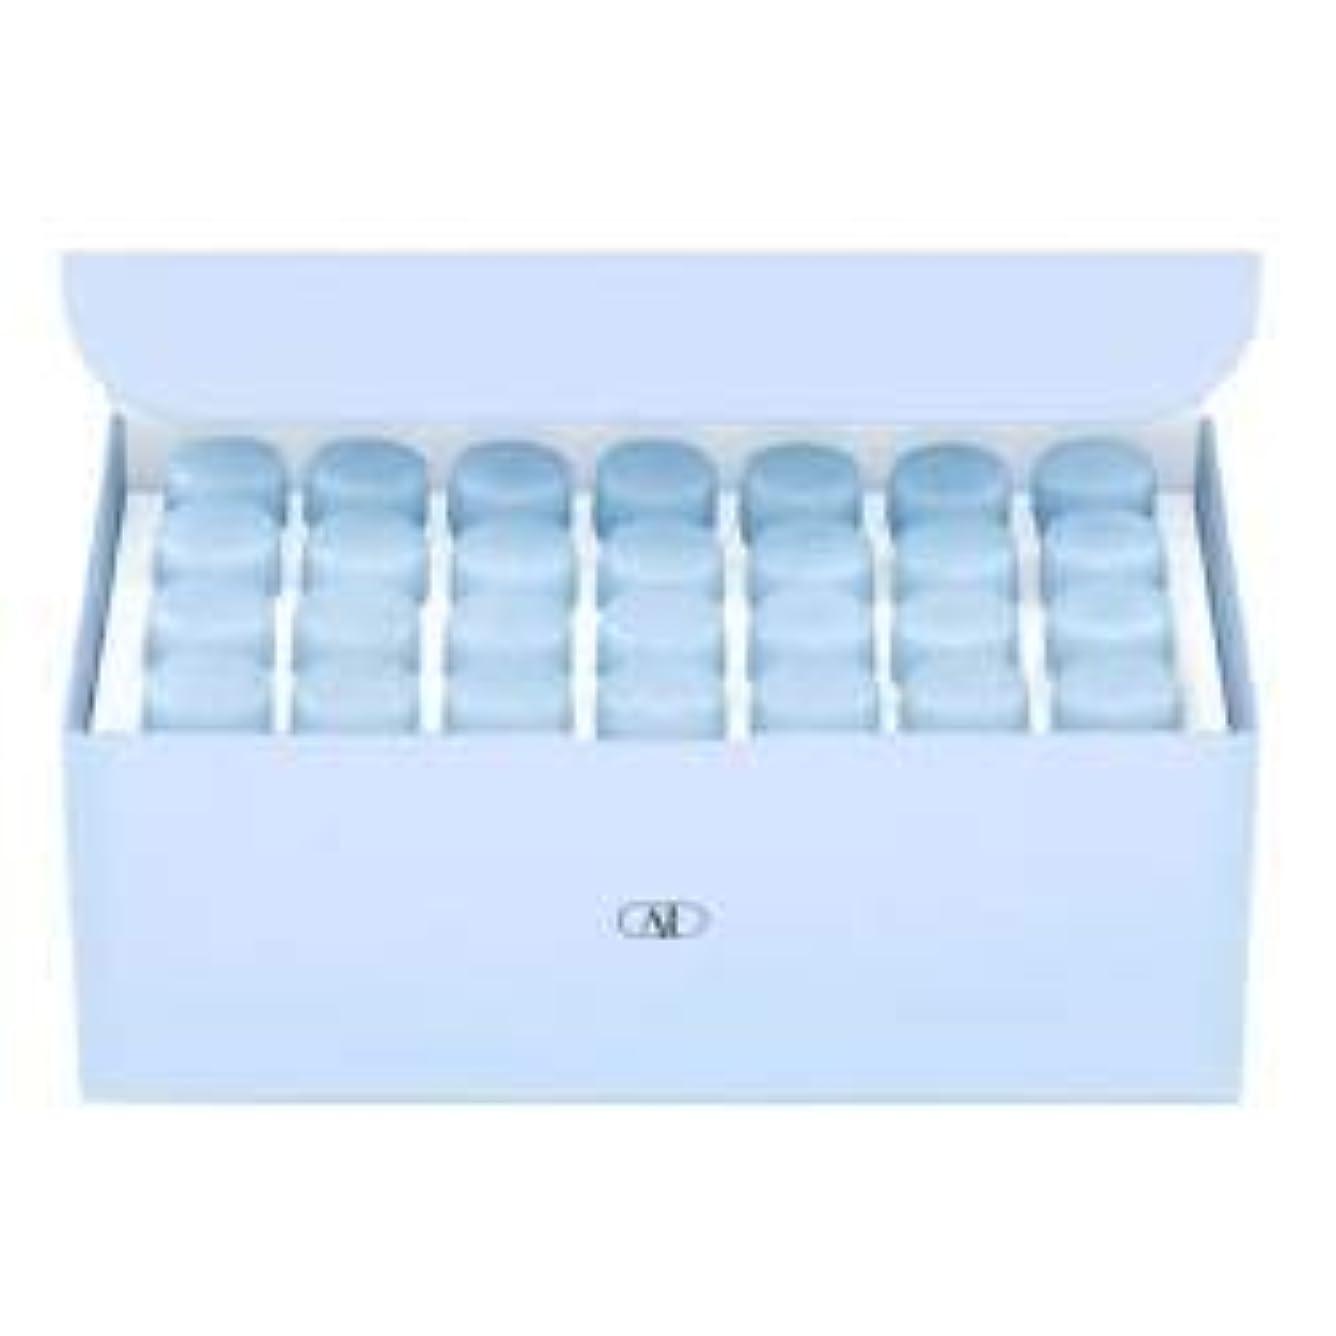 薬剤師スタジオこんにちはアルビオン エクサージュホワイト ホワイトニング ピュア チャージャー(1.0ml×28本)<医薬部外品>